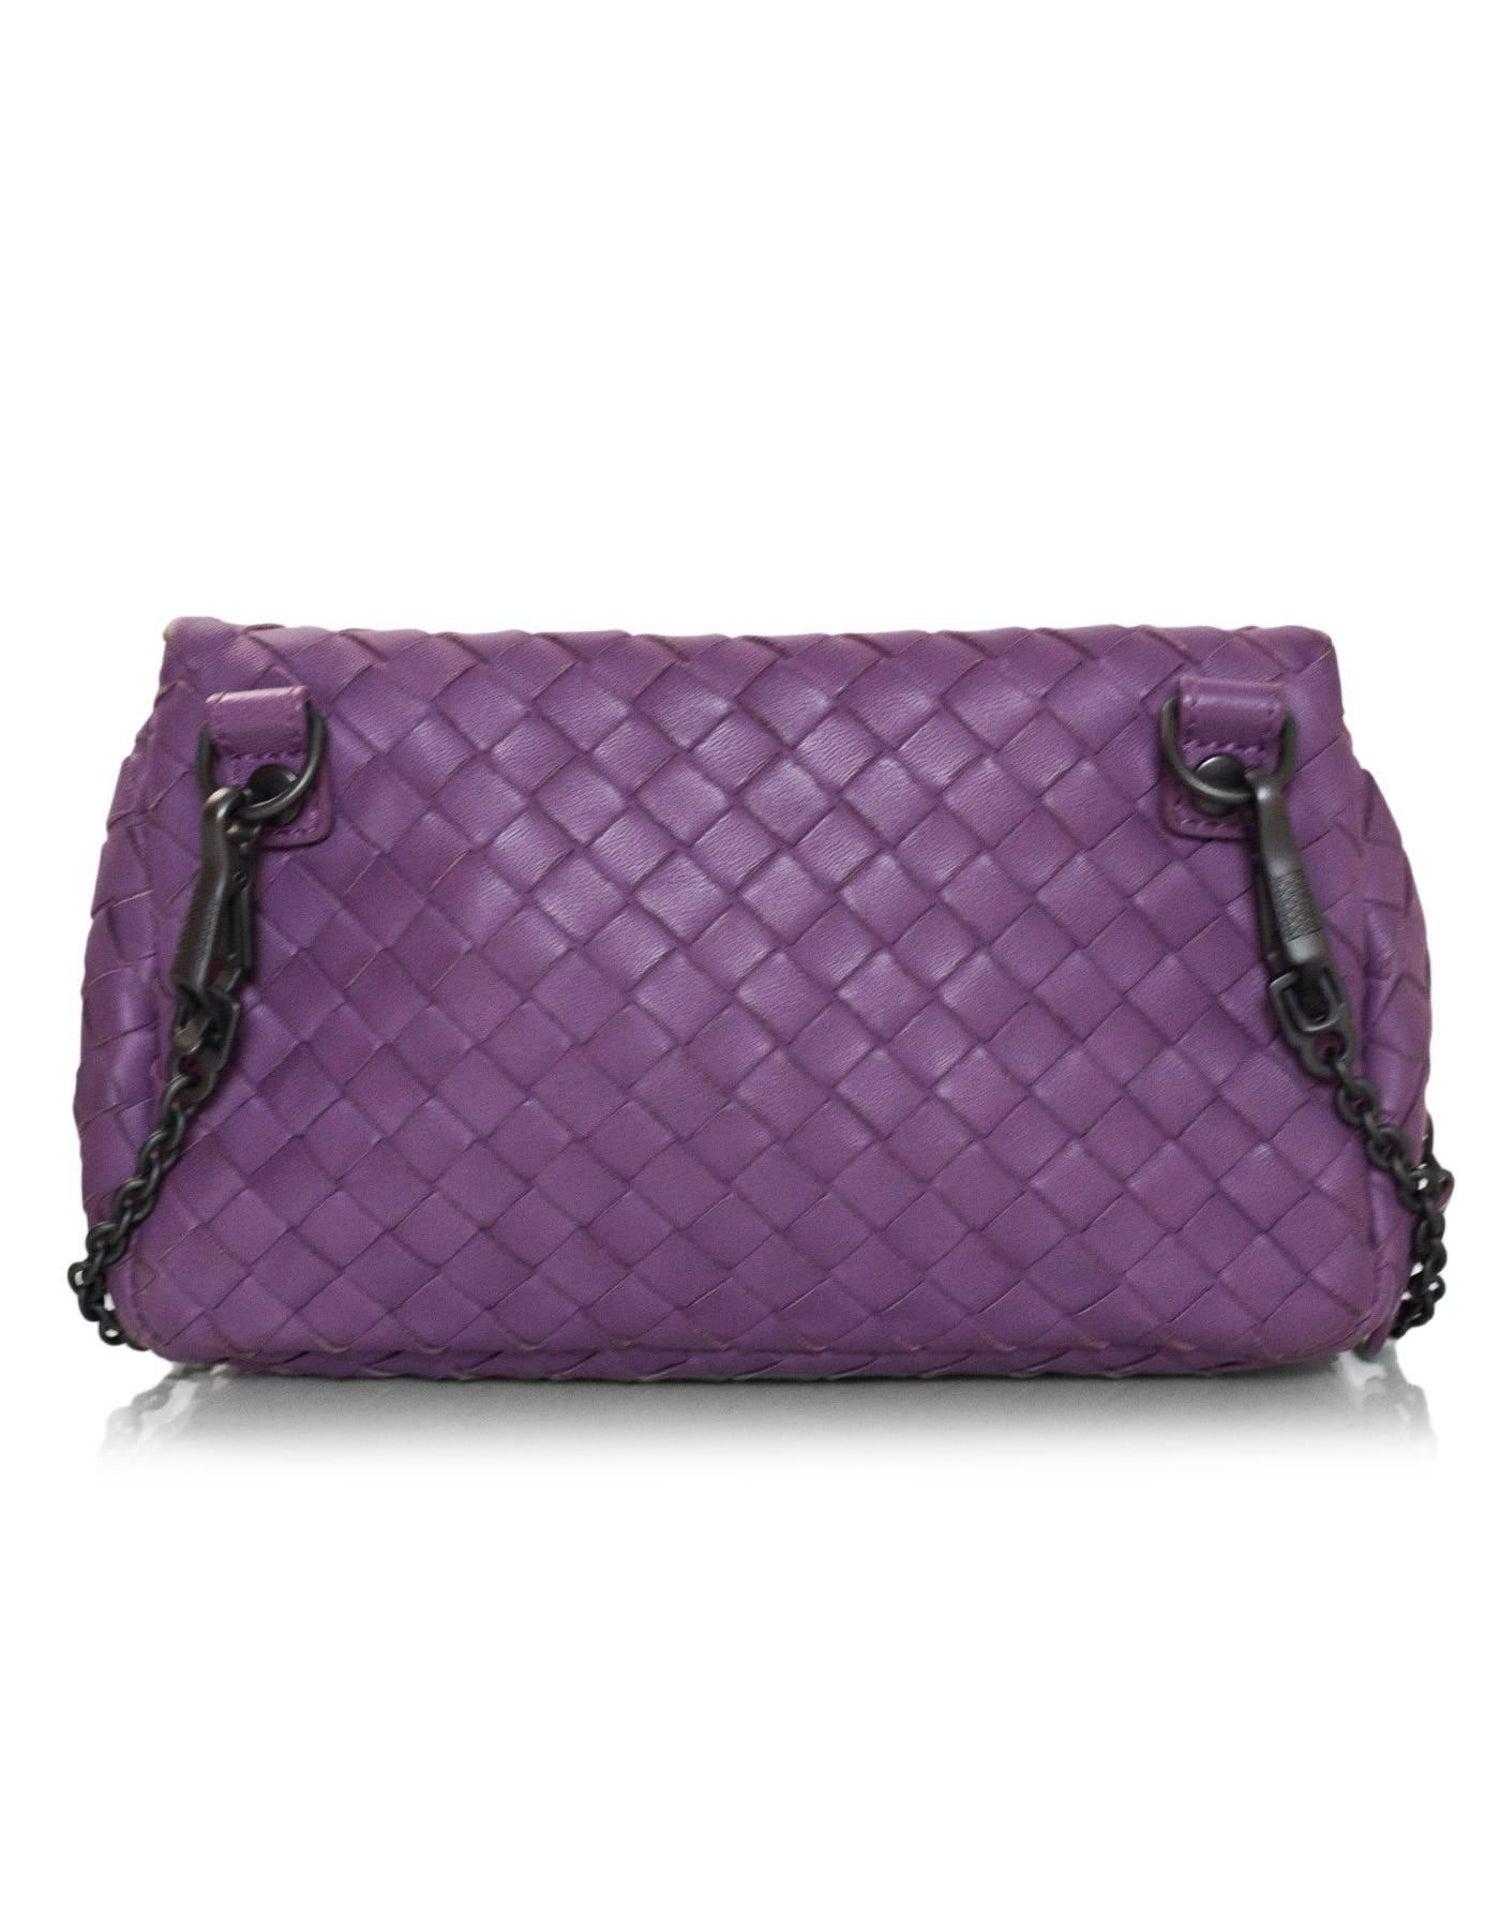 Bottega Veneta Purple Nappa Intrecciato Small Chain Crossbody Bag rt.   1 d44012abc7764